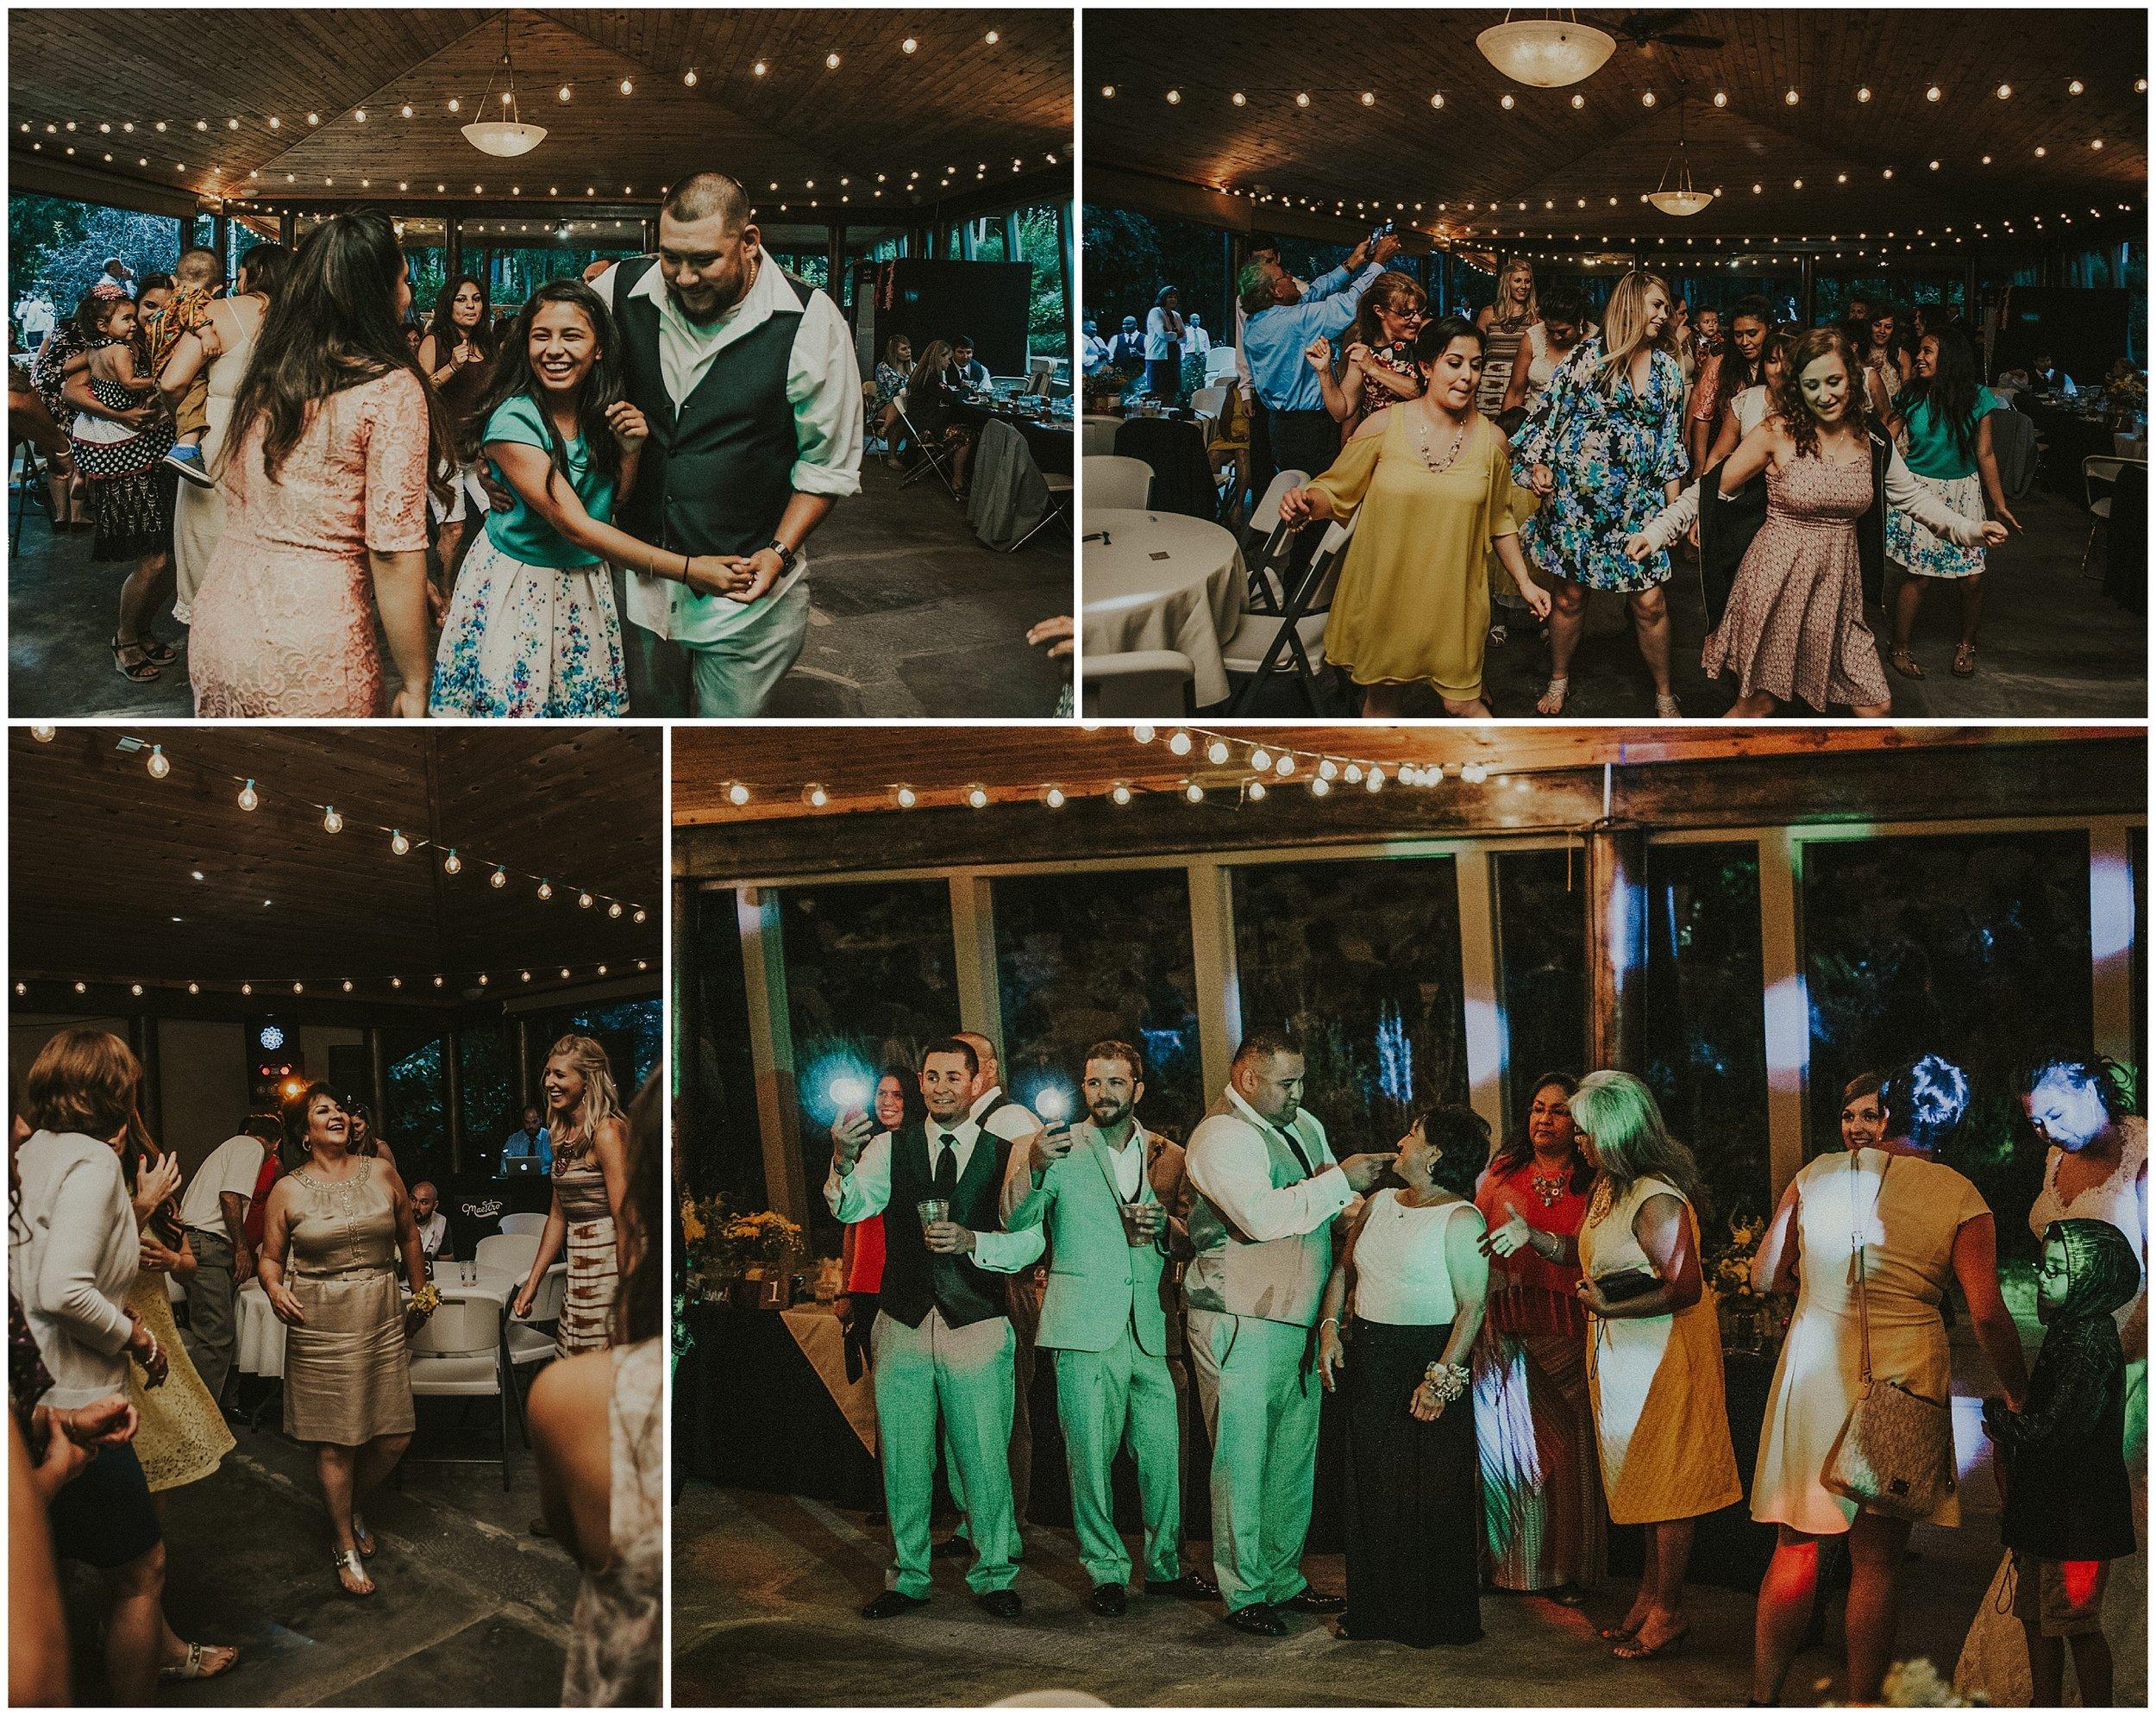 Taylor_Engish_Photography_Colorado_Springs_Wedding16